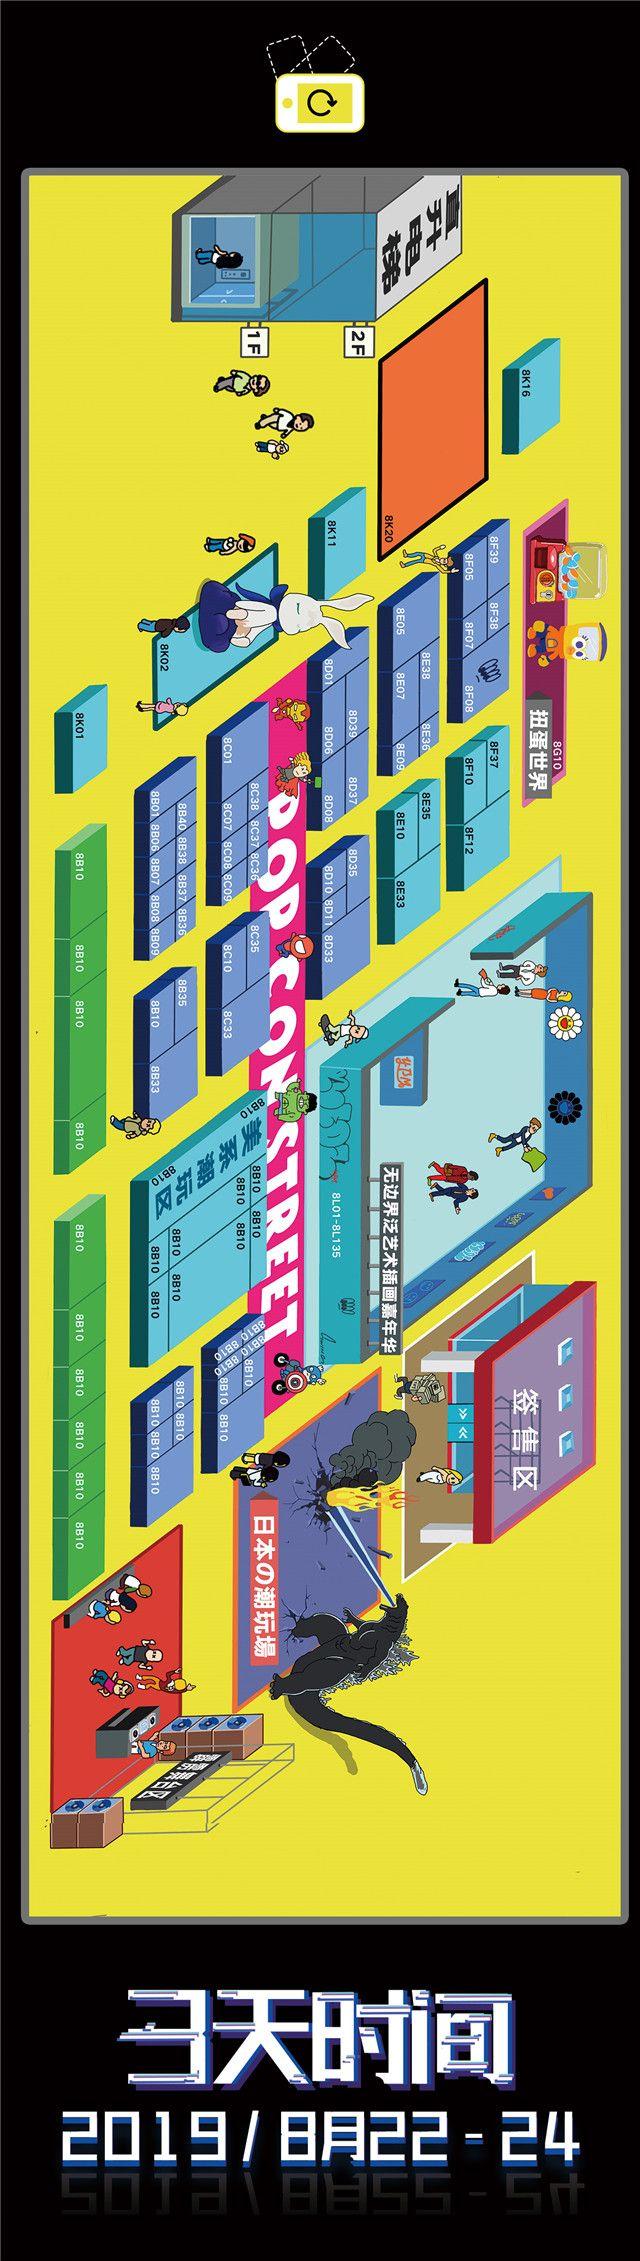 【深圳】CIPE深圳国际潮流玩具展-ANICOGA